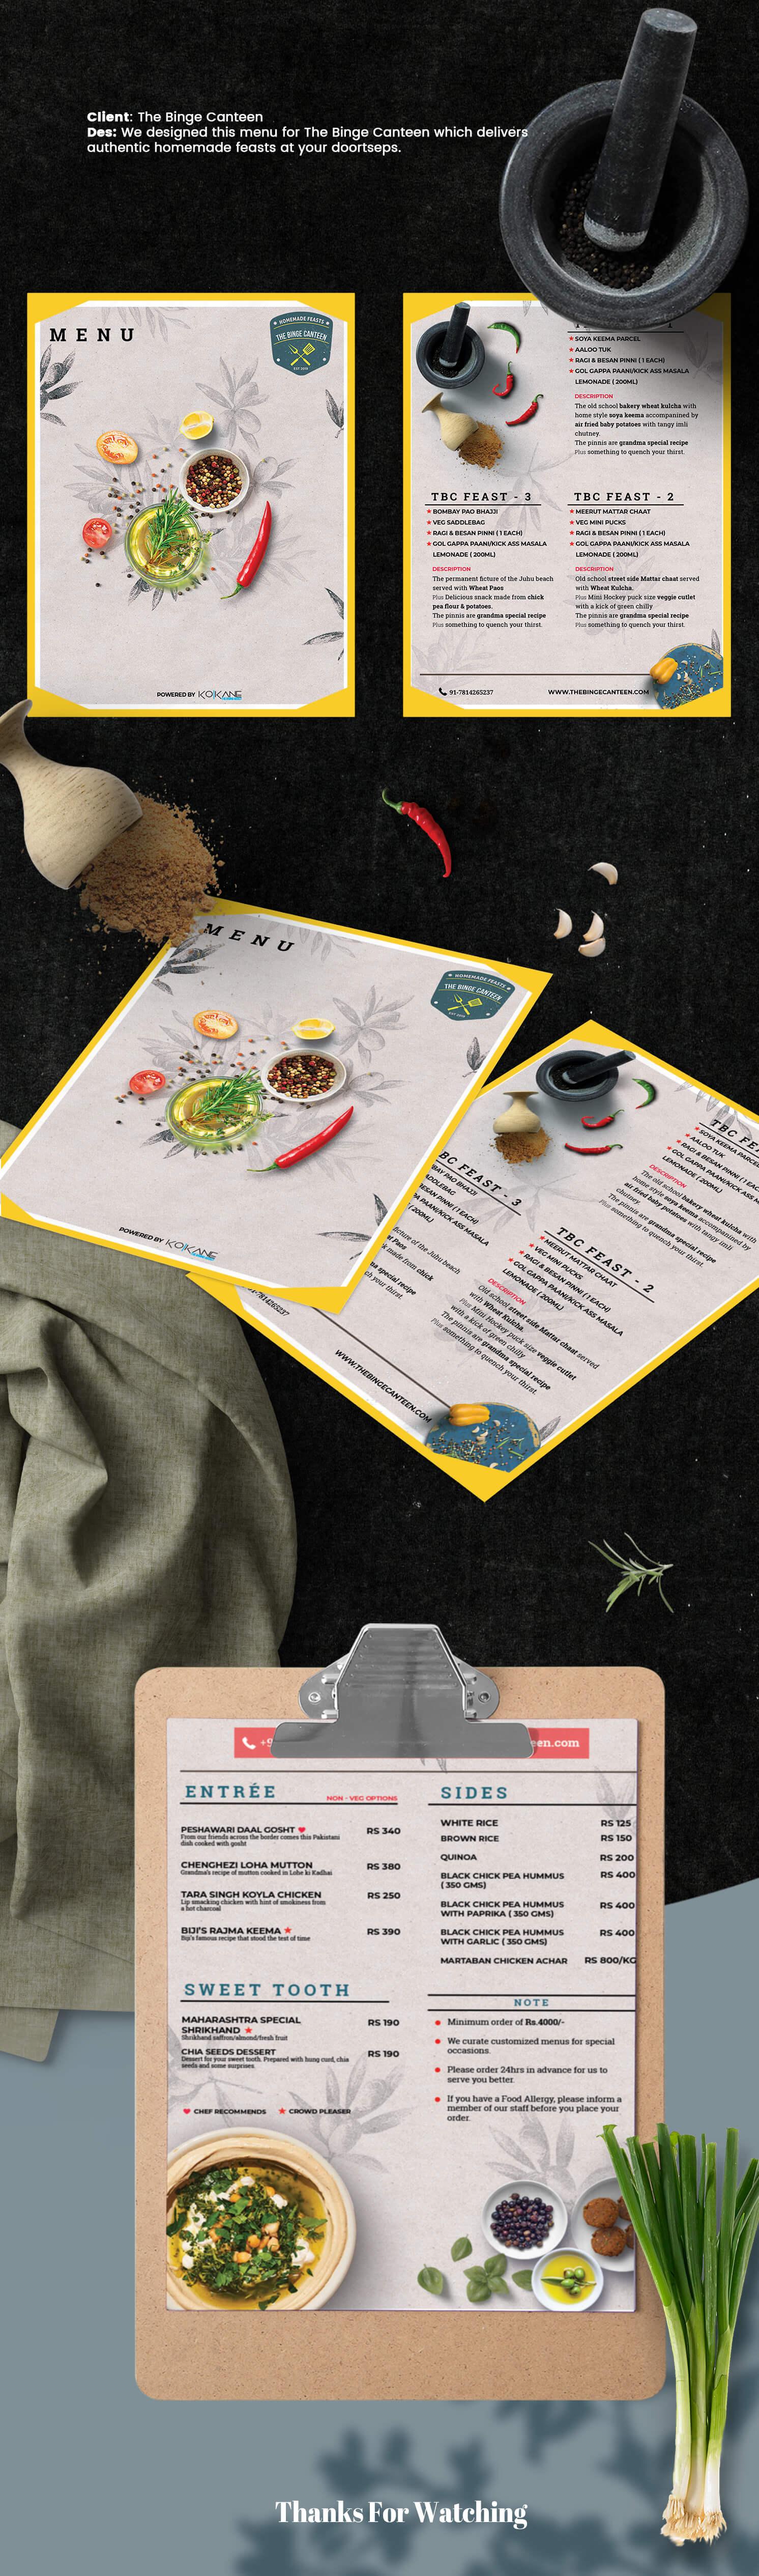 menu design by ko-kane